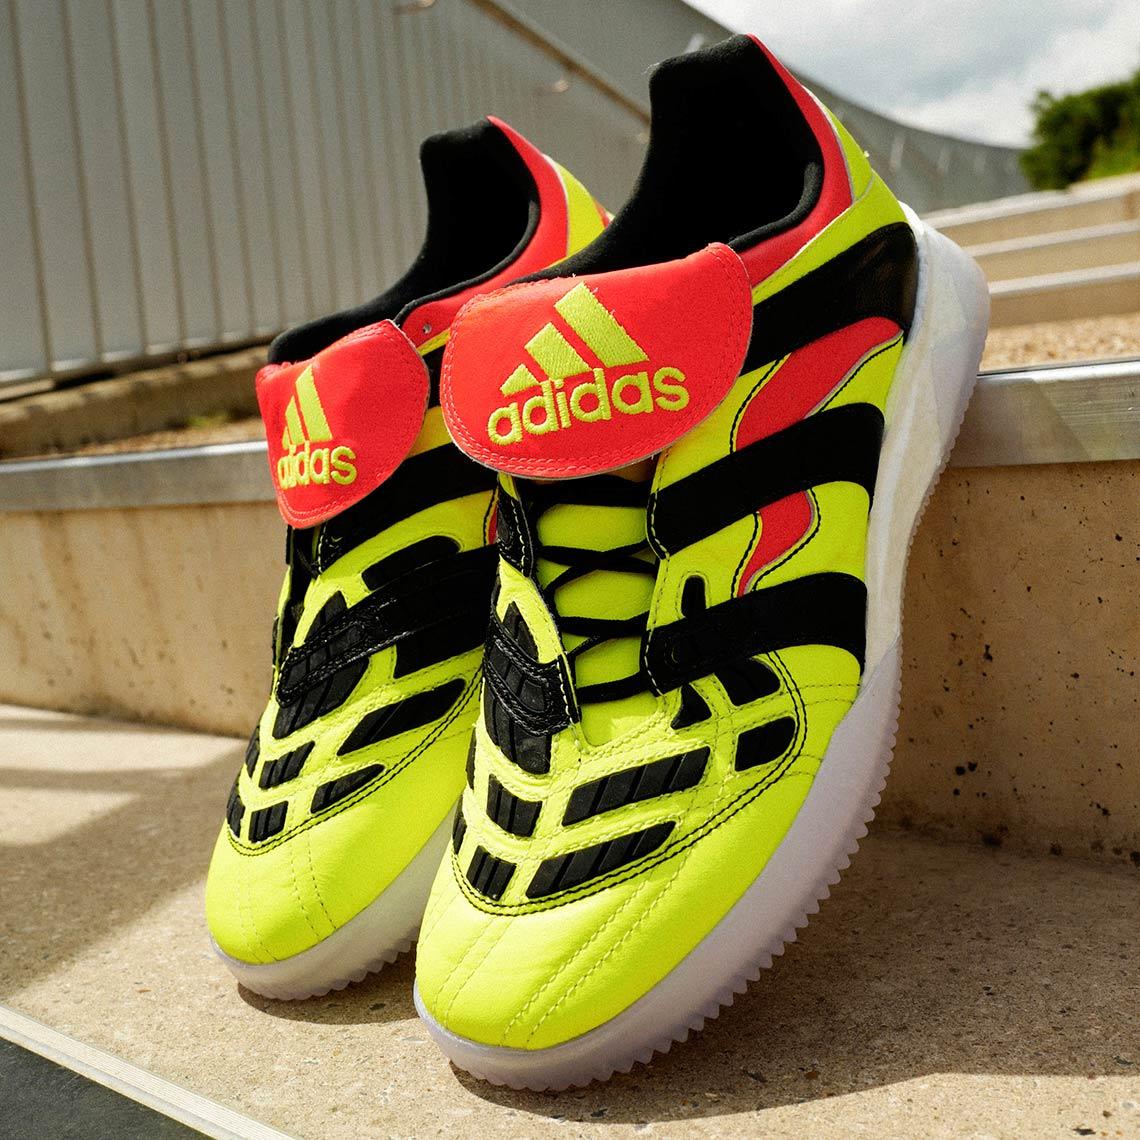 e0462457a4b8 Now Available  adidas Predator Accelerator Boost